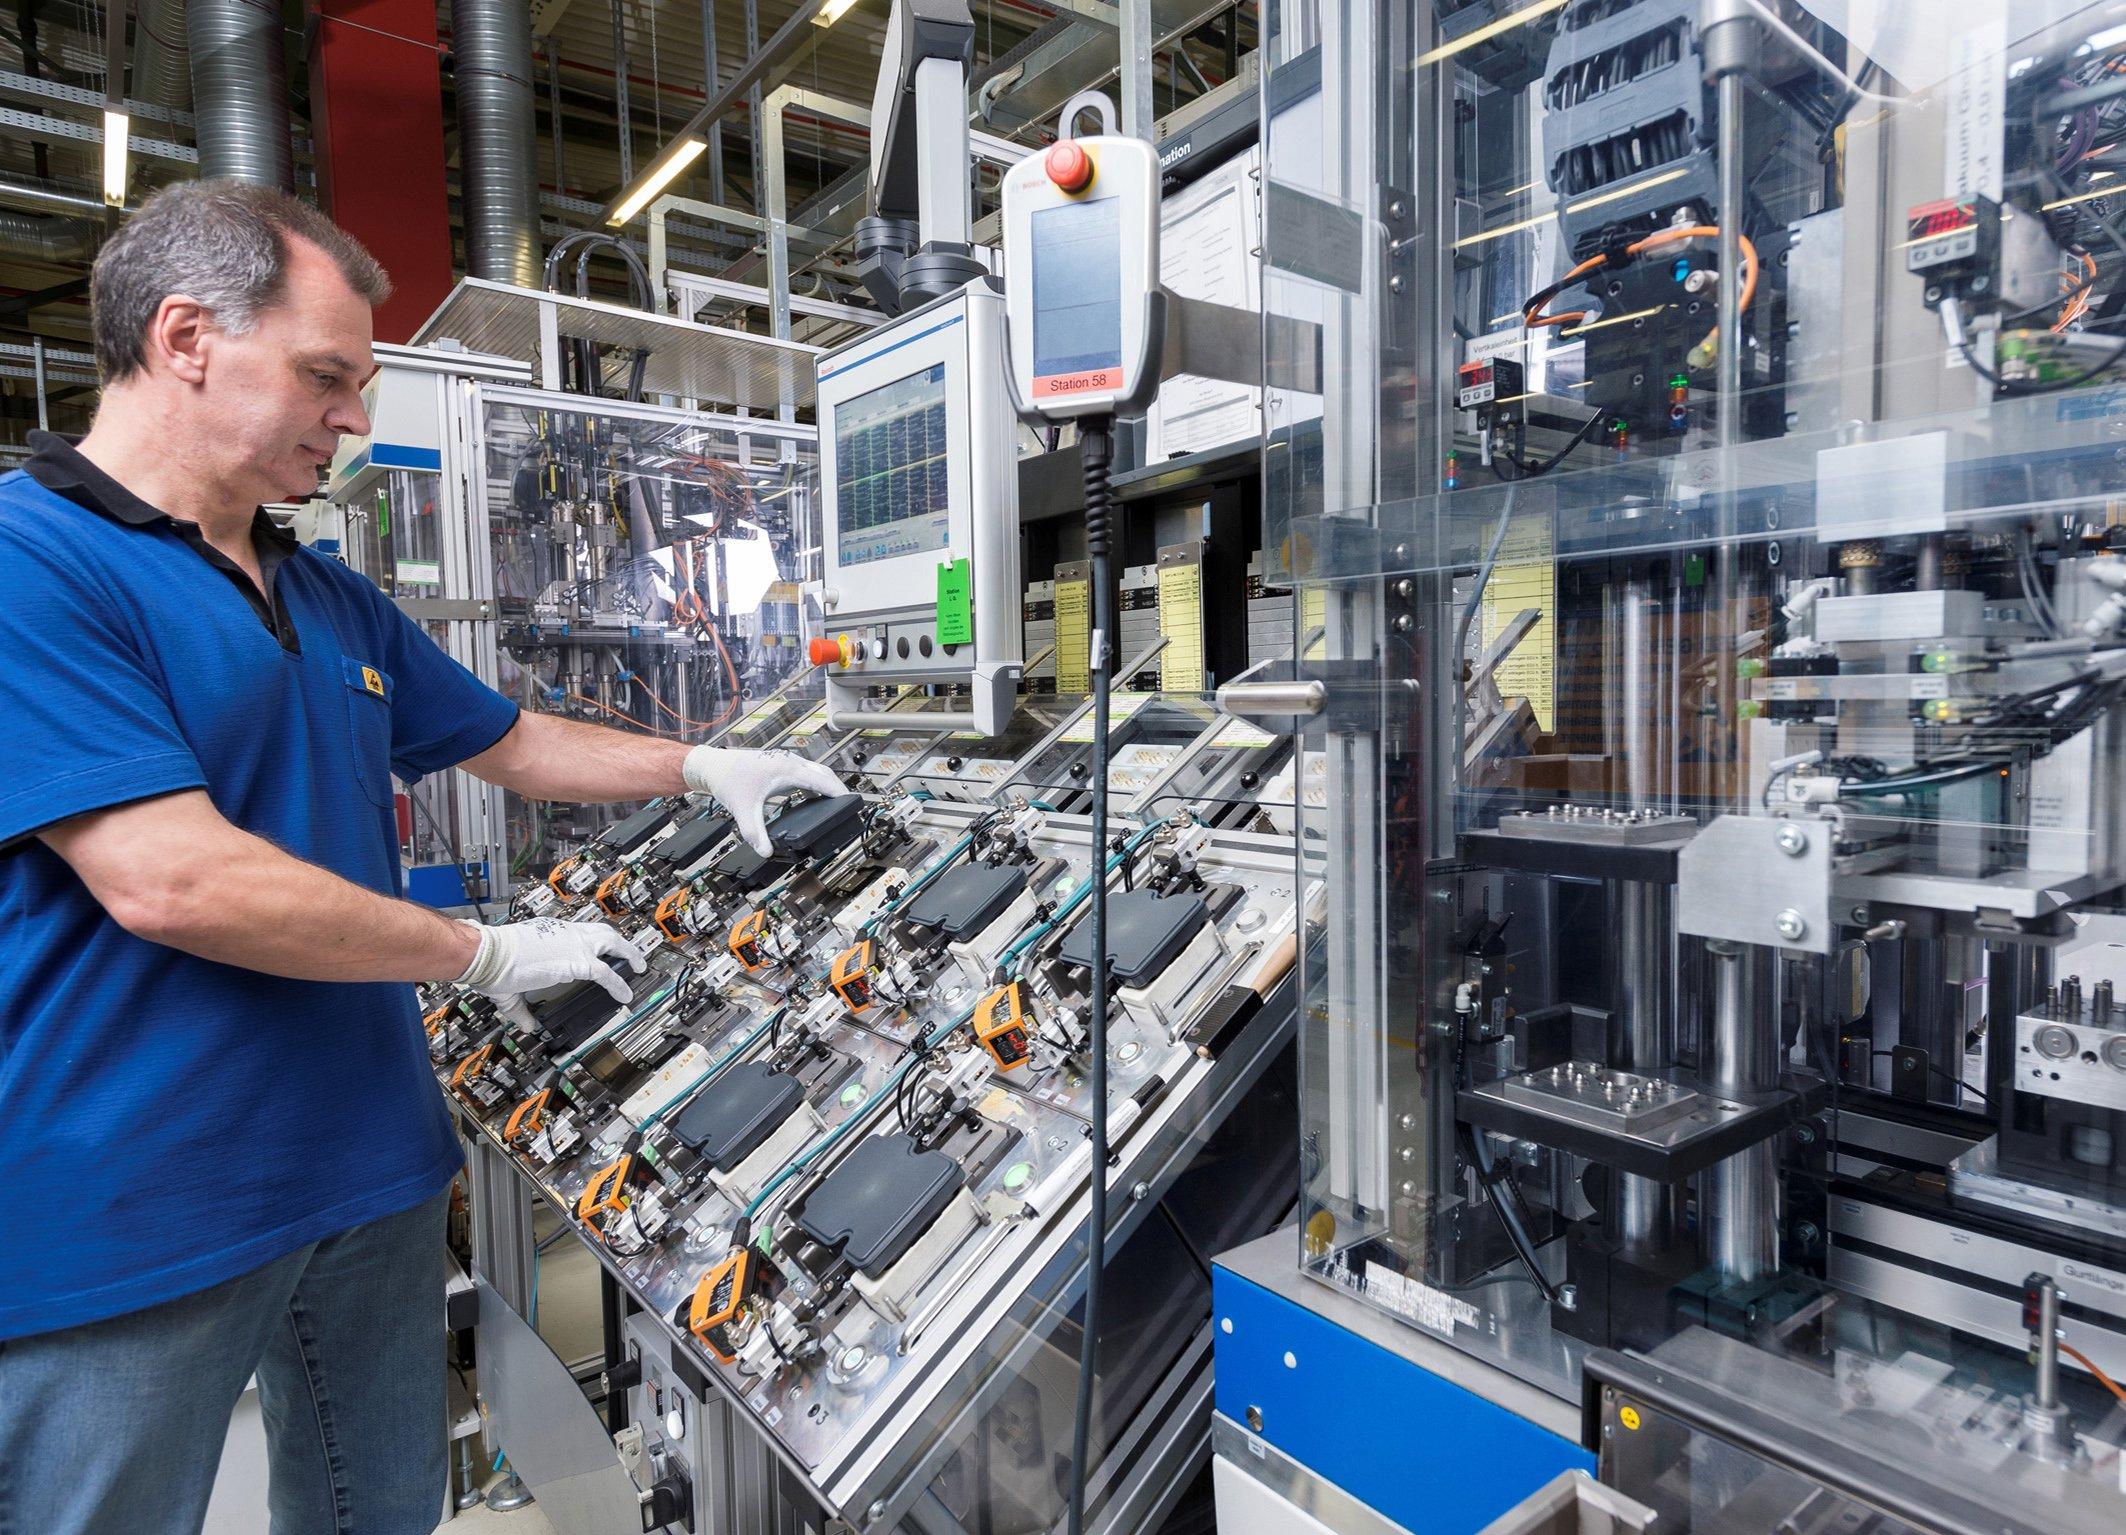 Auch die ESP-Fertigung bei Bosch könnte von der neuen Entwicklungsplattform profitieren. Foto: Bosch